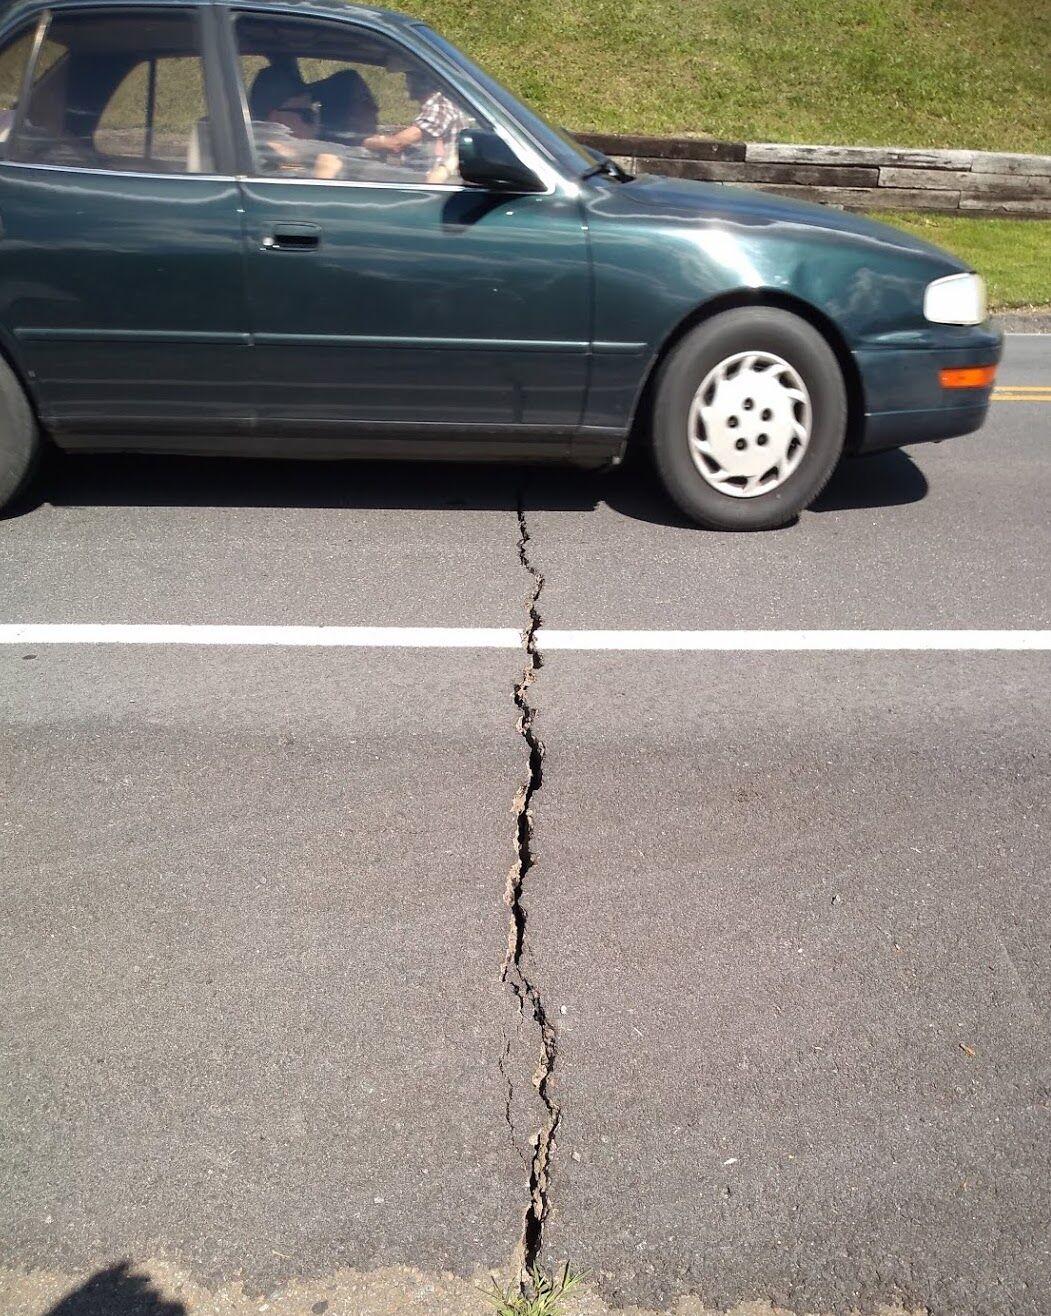 Fractured asphalt